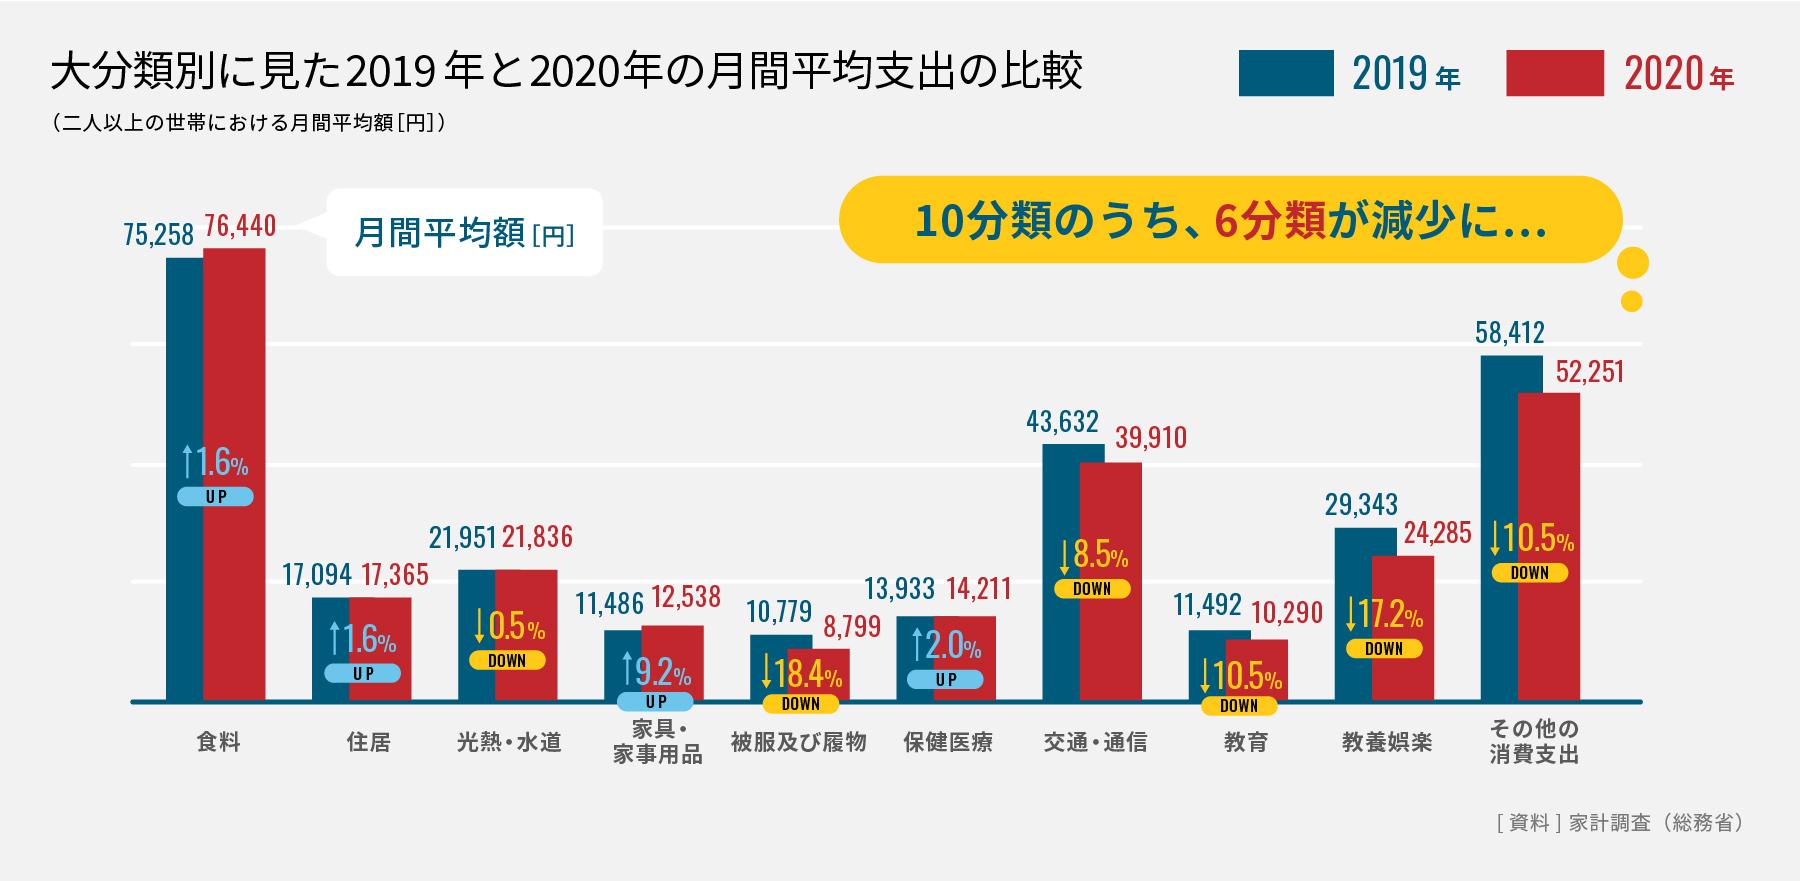 大分類別に見た2019年と2020年の月間平均支出の比較